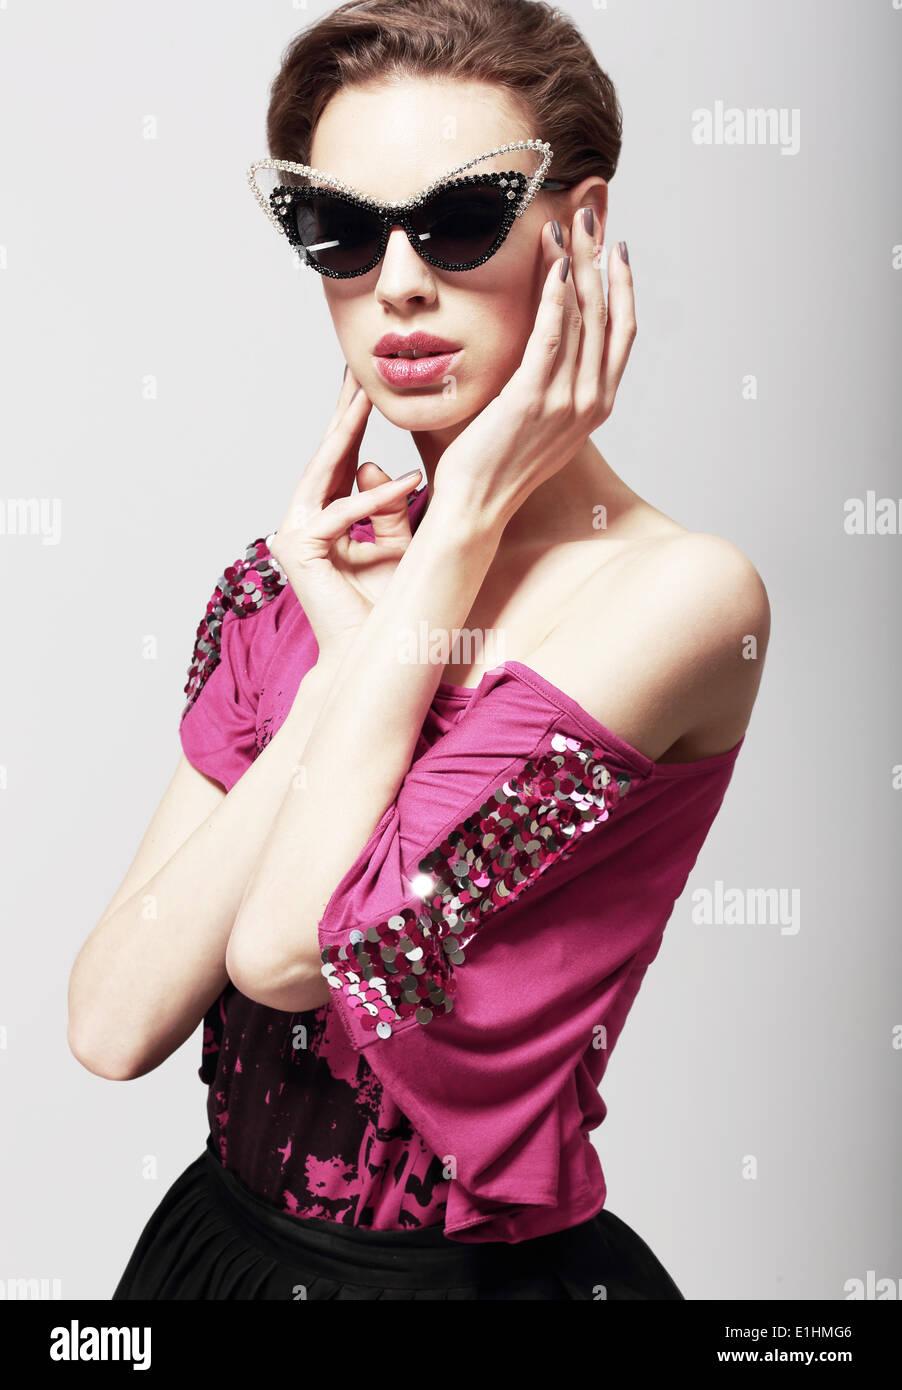 La alta moda. Glamorosa mujer elegante en gafas de sol oscuras. Magnetismo Imagen De Stock